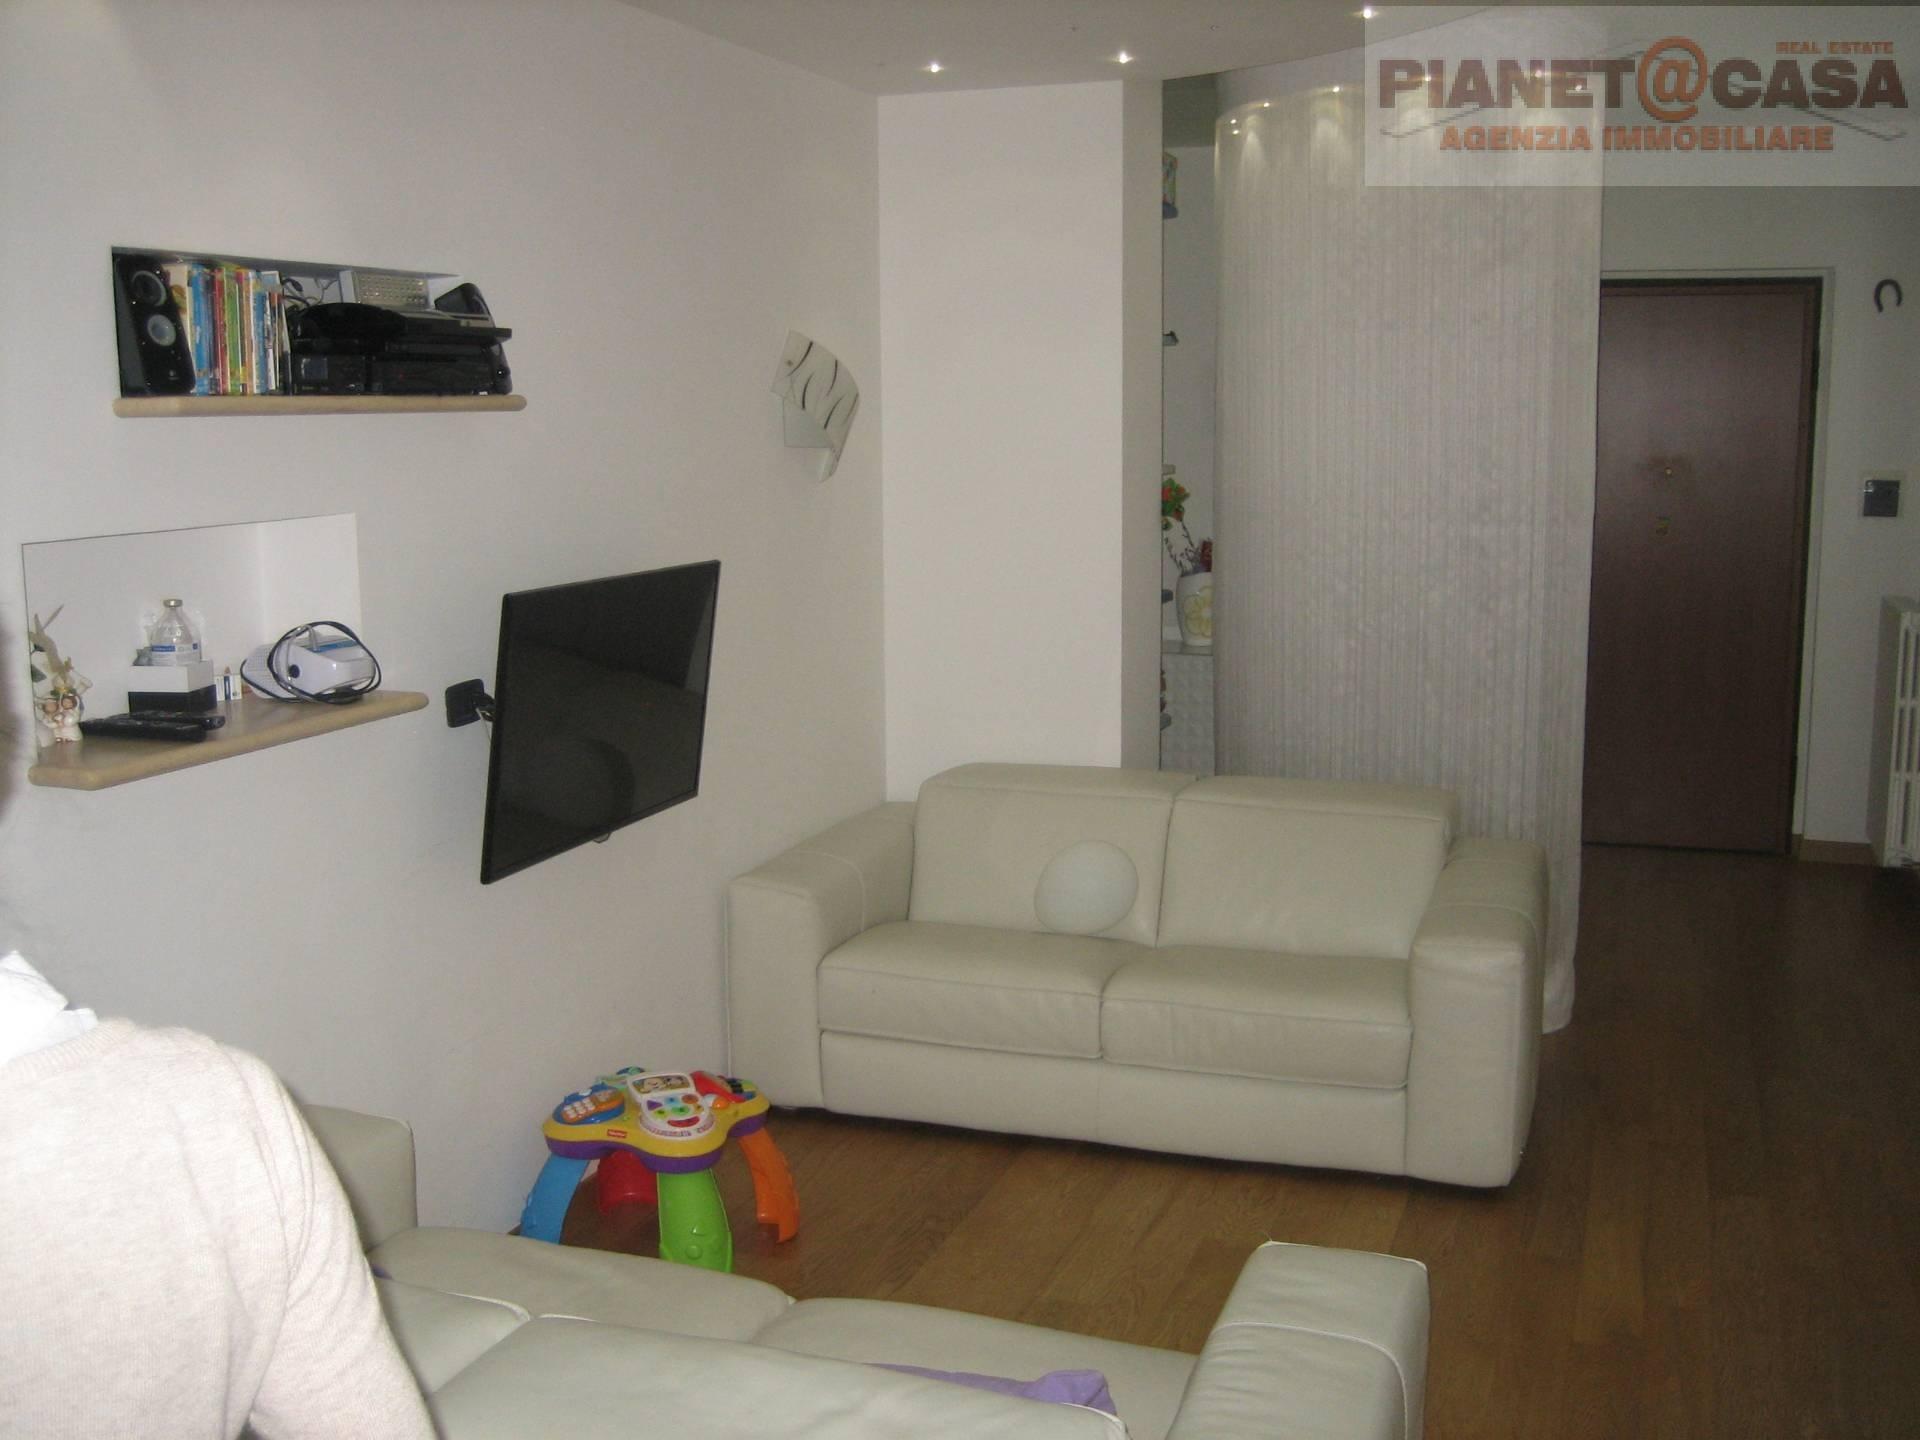 Appartamento in vendita a Castel di Lama, 5 locali, zona Zona: Piattoni, prezzo € 150.000 | CambioCasa.it